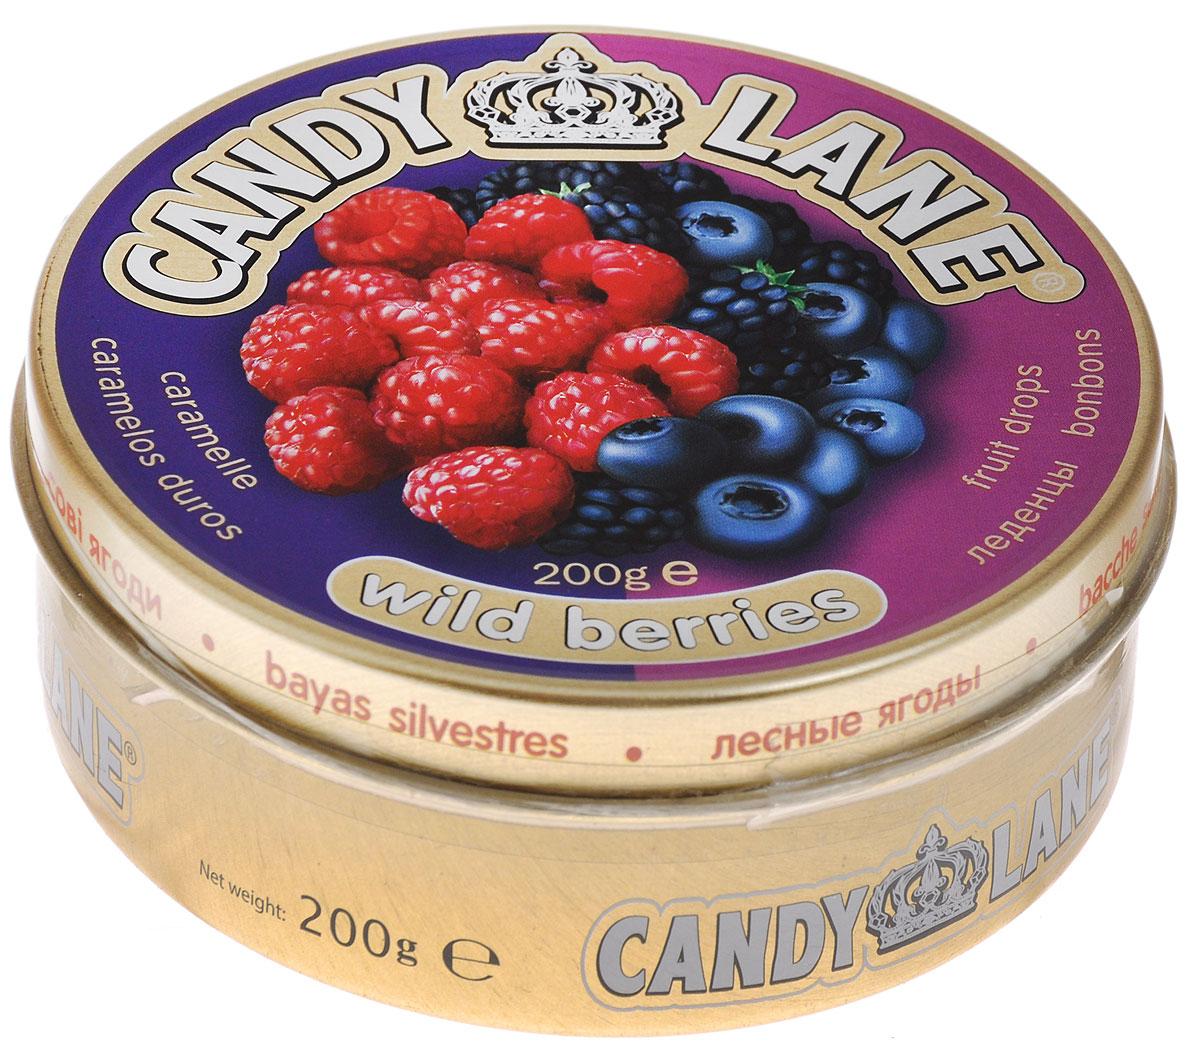 Сладкая Сказка Candy Lane Лесные ягоды фруктовые леденцы, 200 г